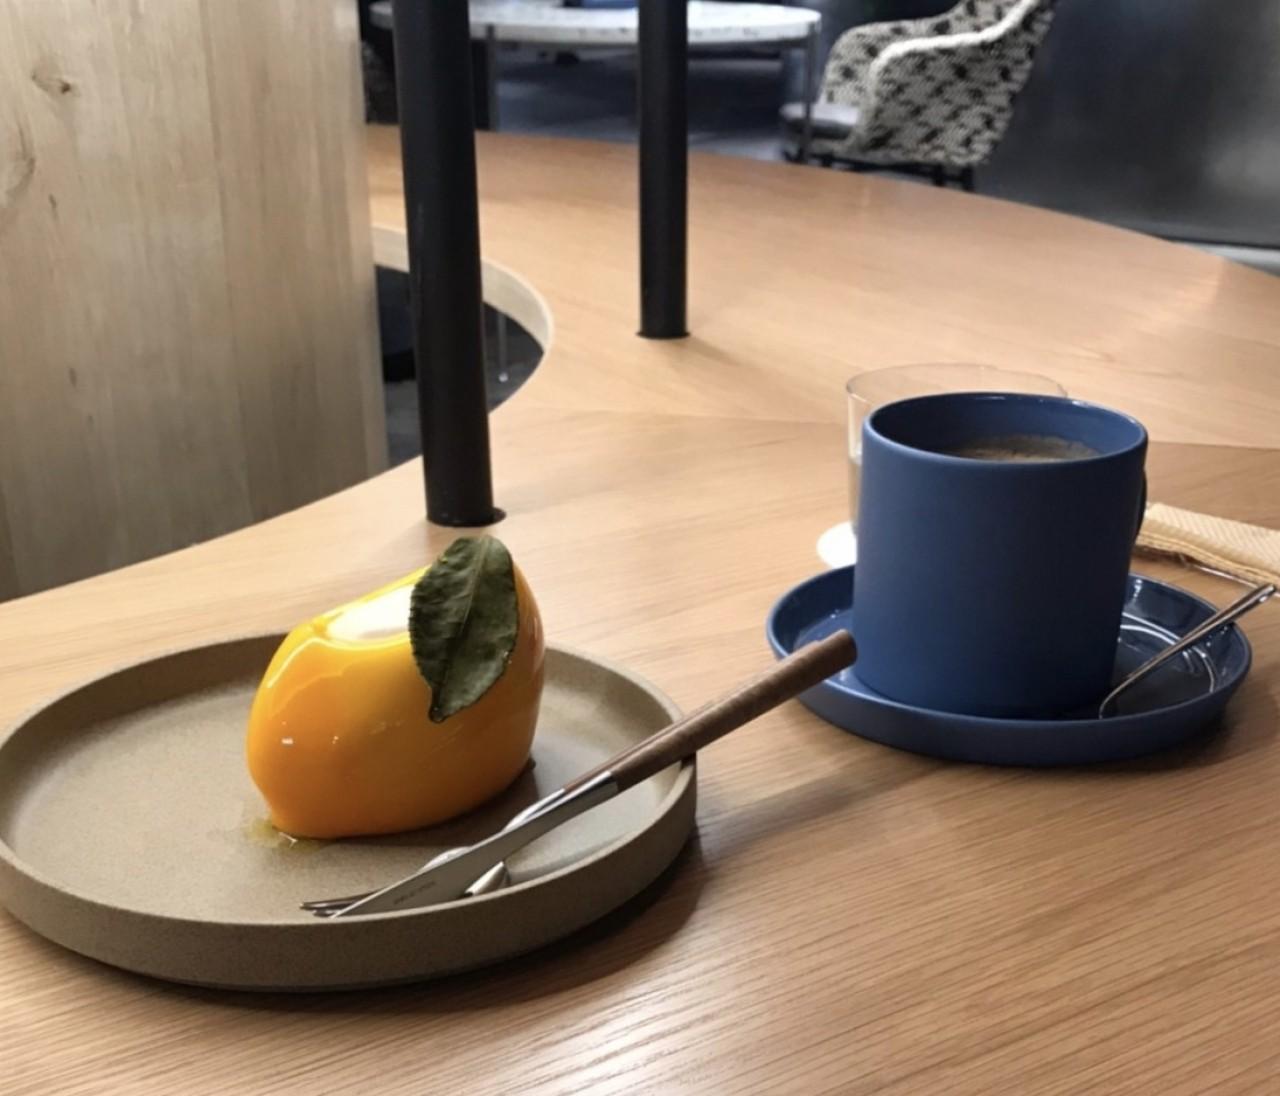 京都カフェ・アーティスティックなRAUのケーキ